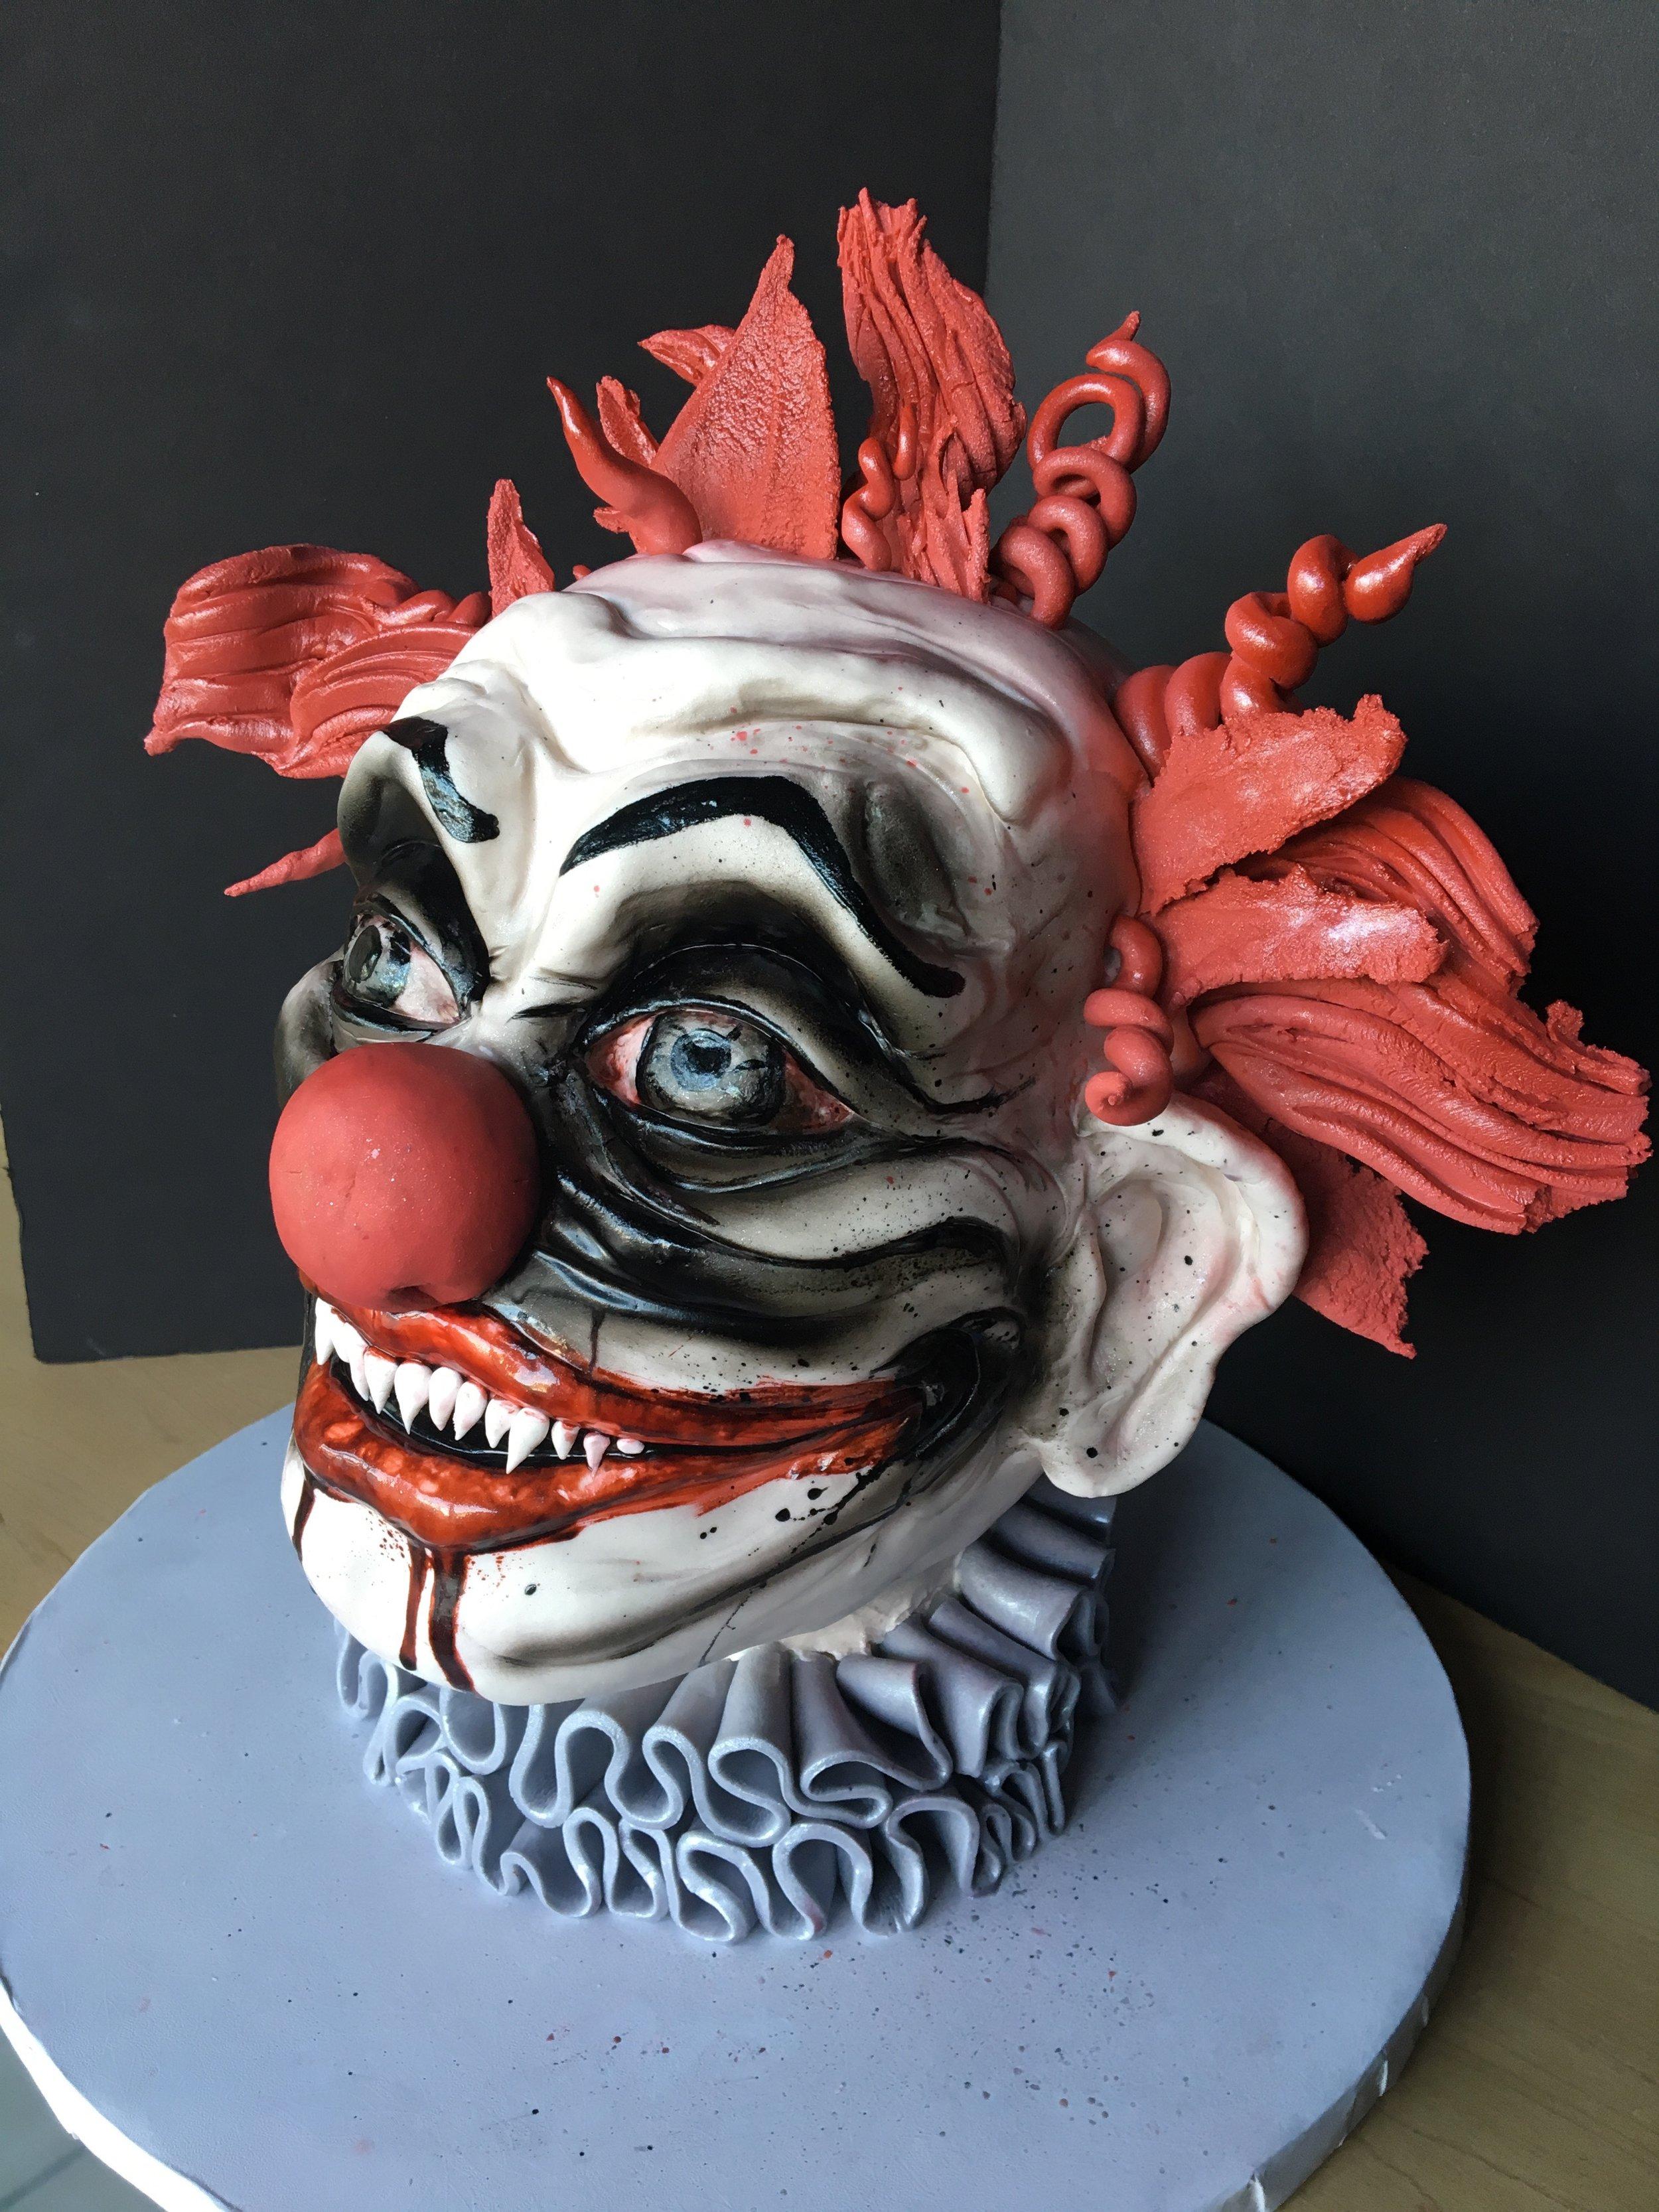 clown theme cake.jpg